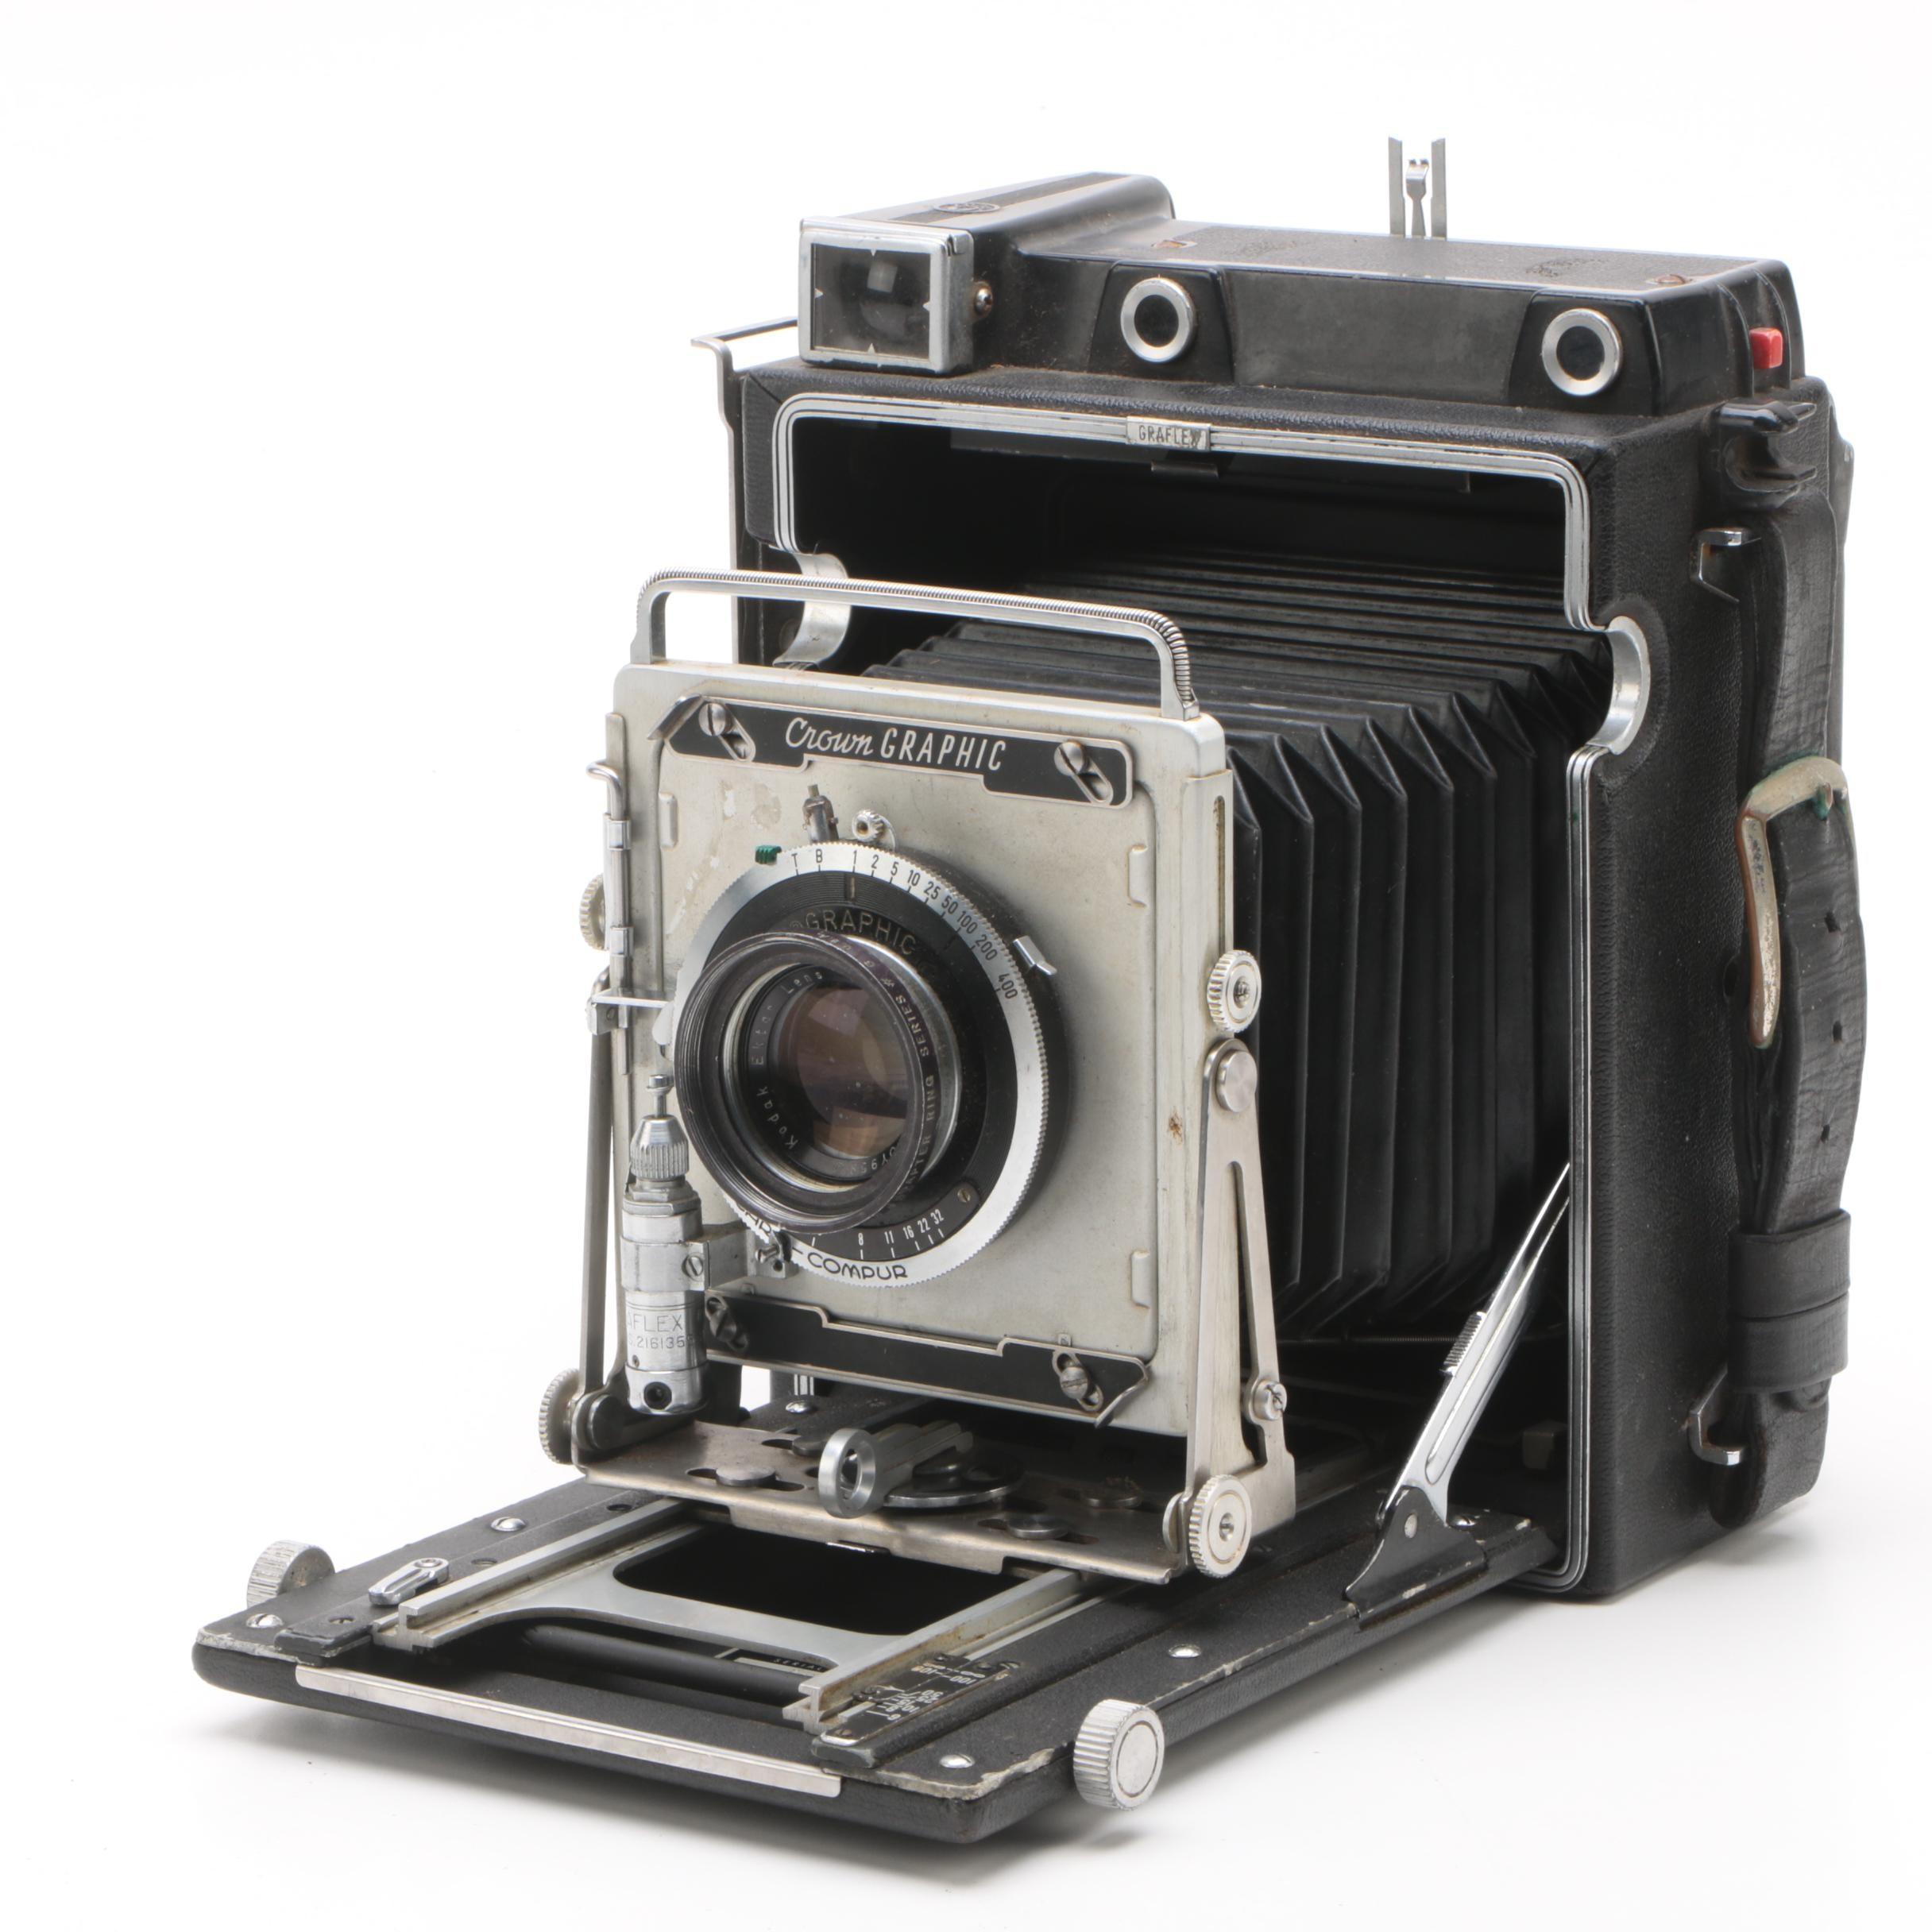 Circa 1960 Graflex Crown Graphic Field Camera